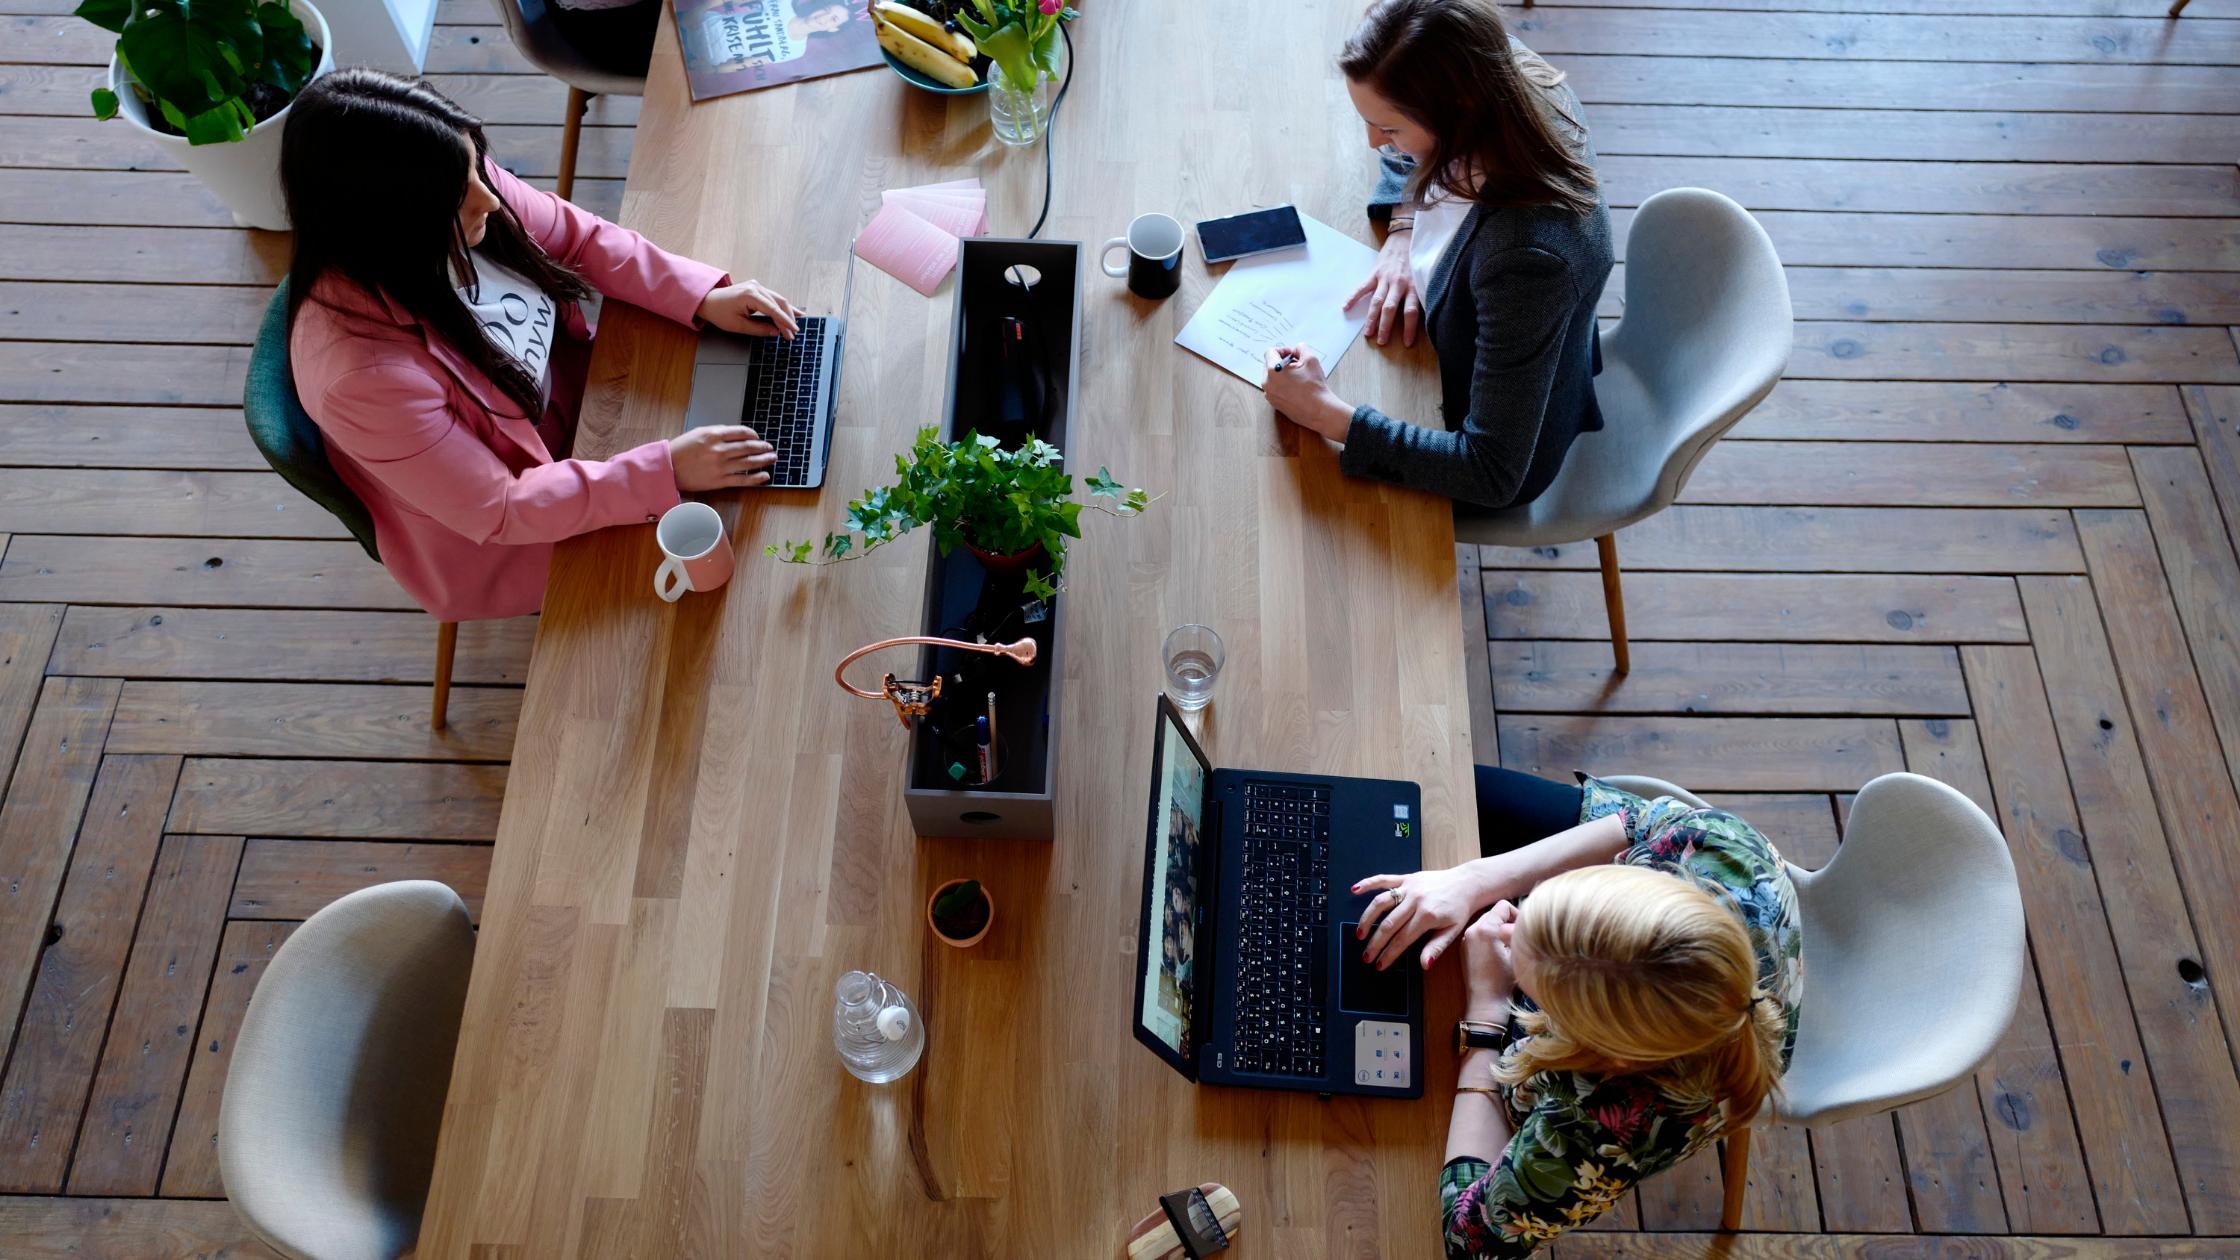 Los edificios sostenibles con espacios de socialización fomentan la productividad.